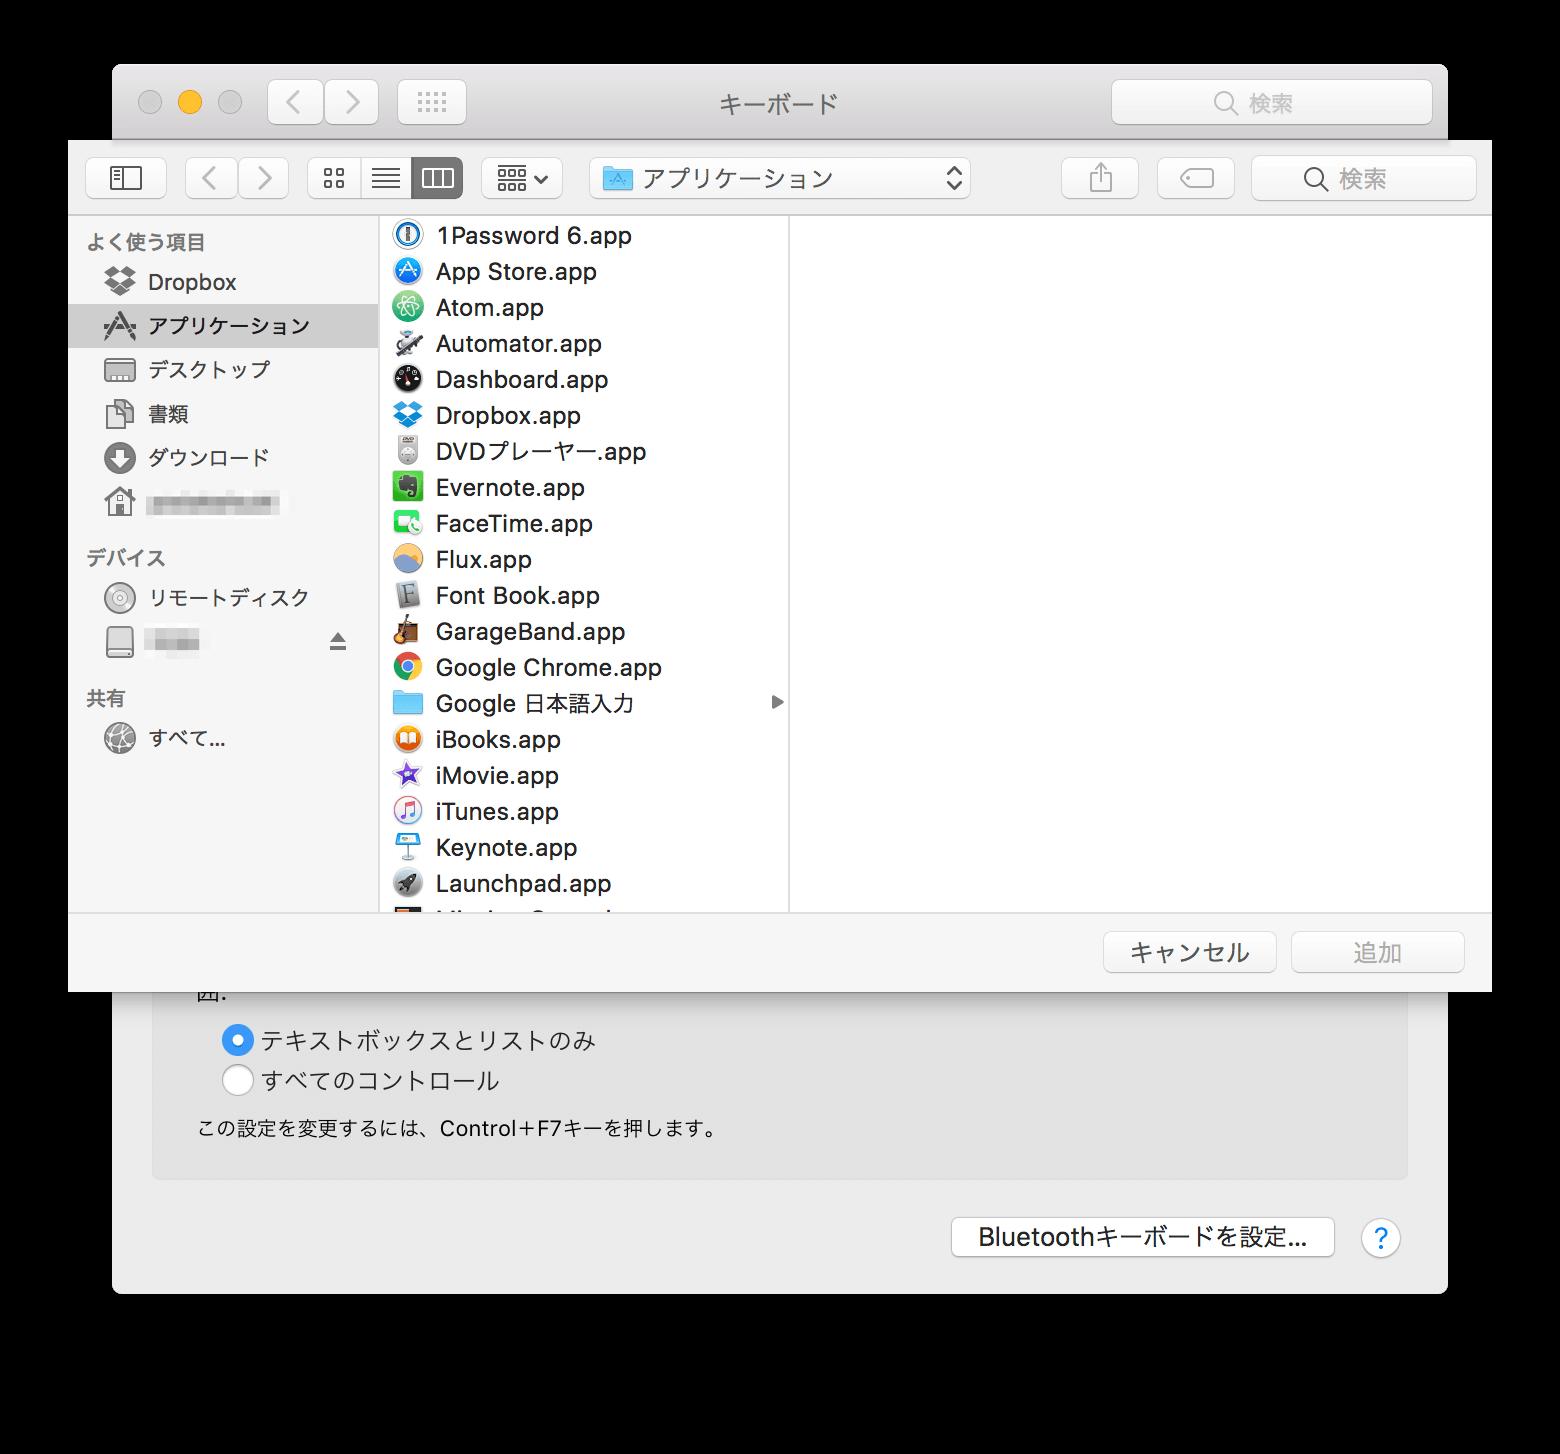 ファンクションキーを常に表示しておきたいアプリを選択する